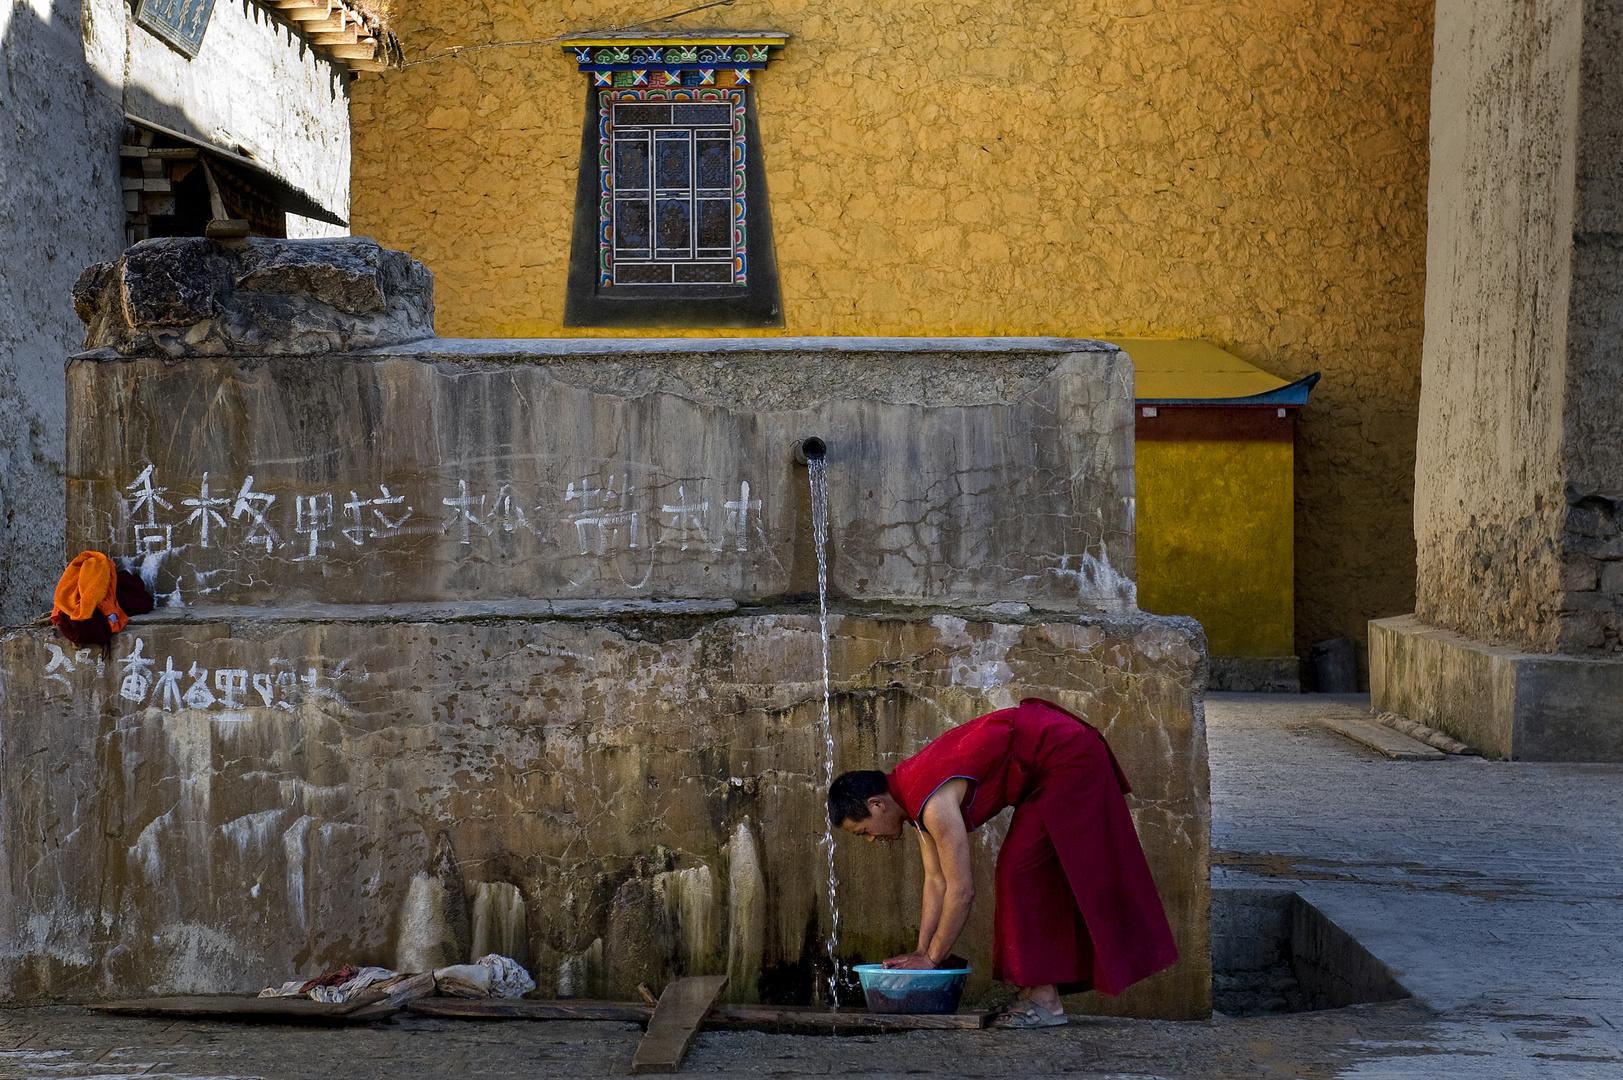 Washing day at Songzanlin Monastery